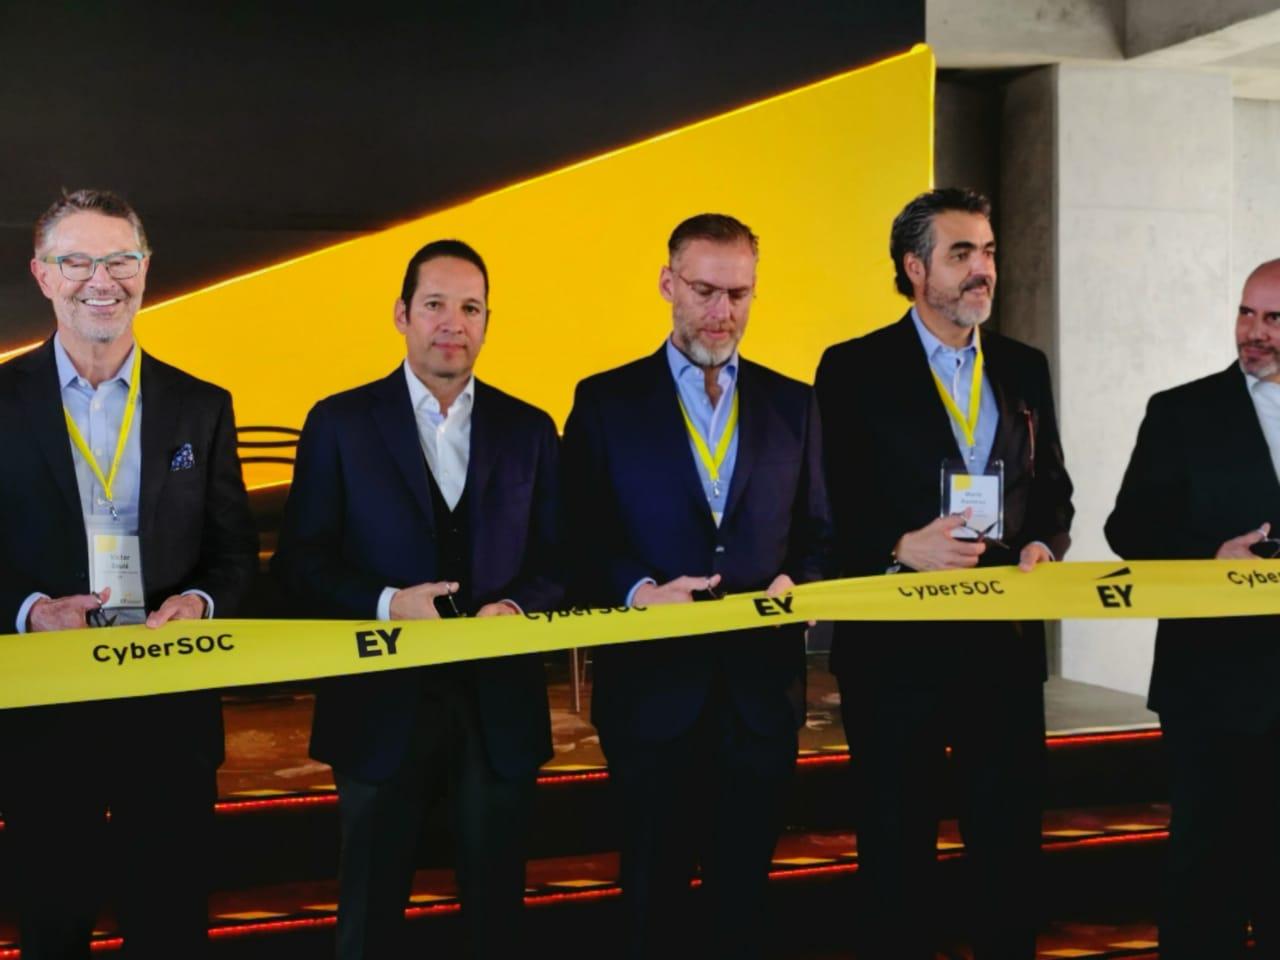 Querétaro inaugura su CyberSOC, el nuevo centro de ciberseguridad para la región